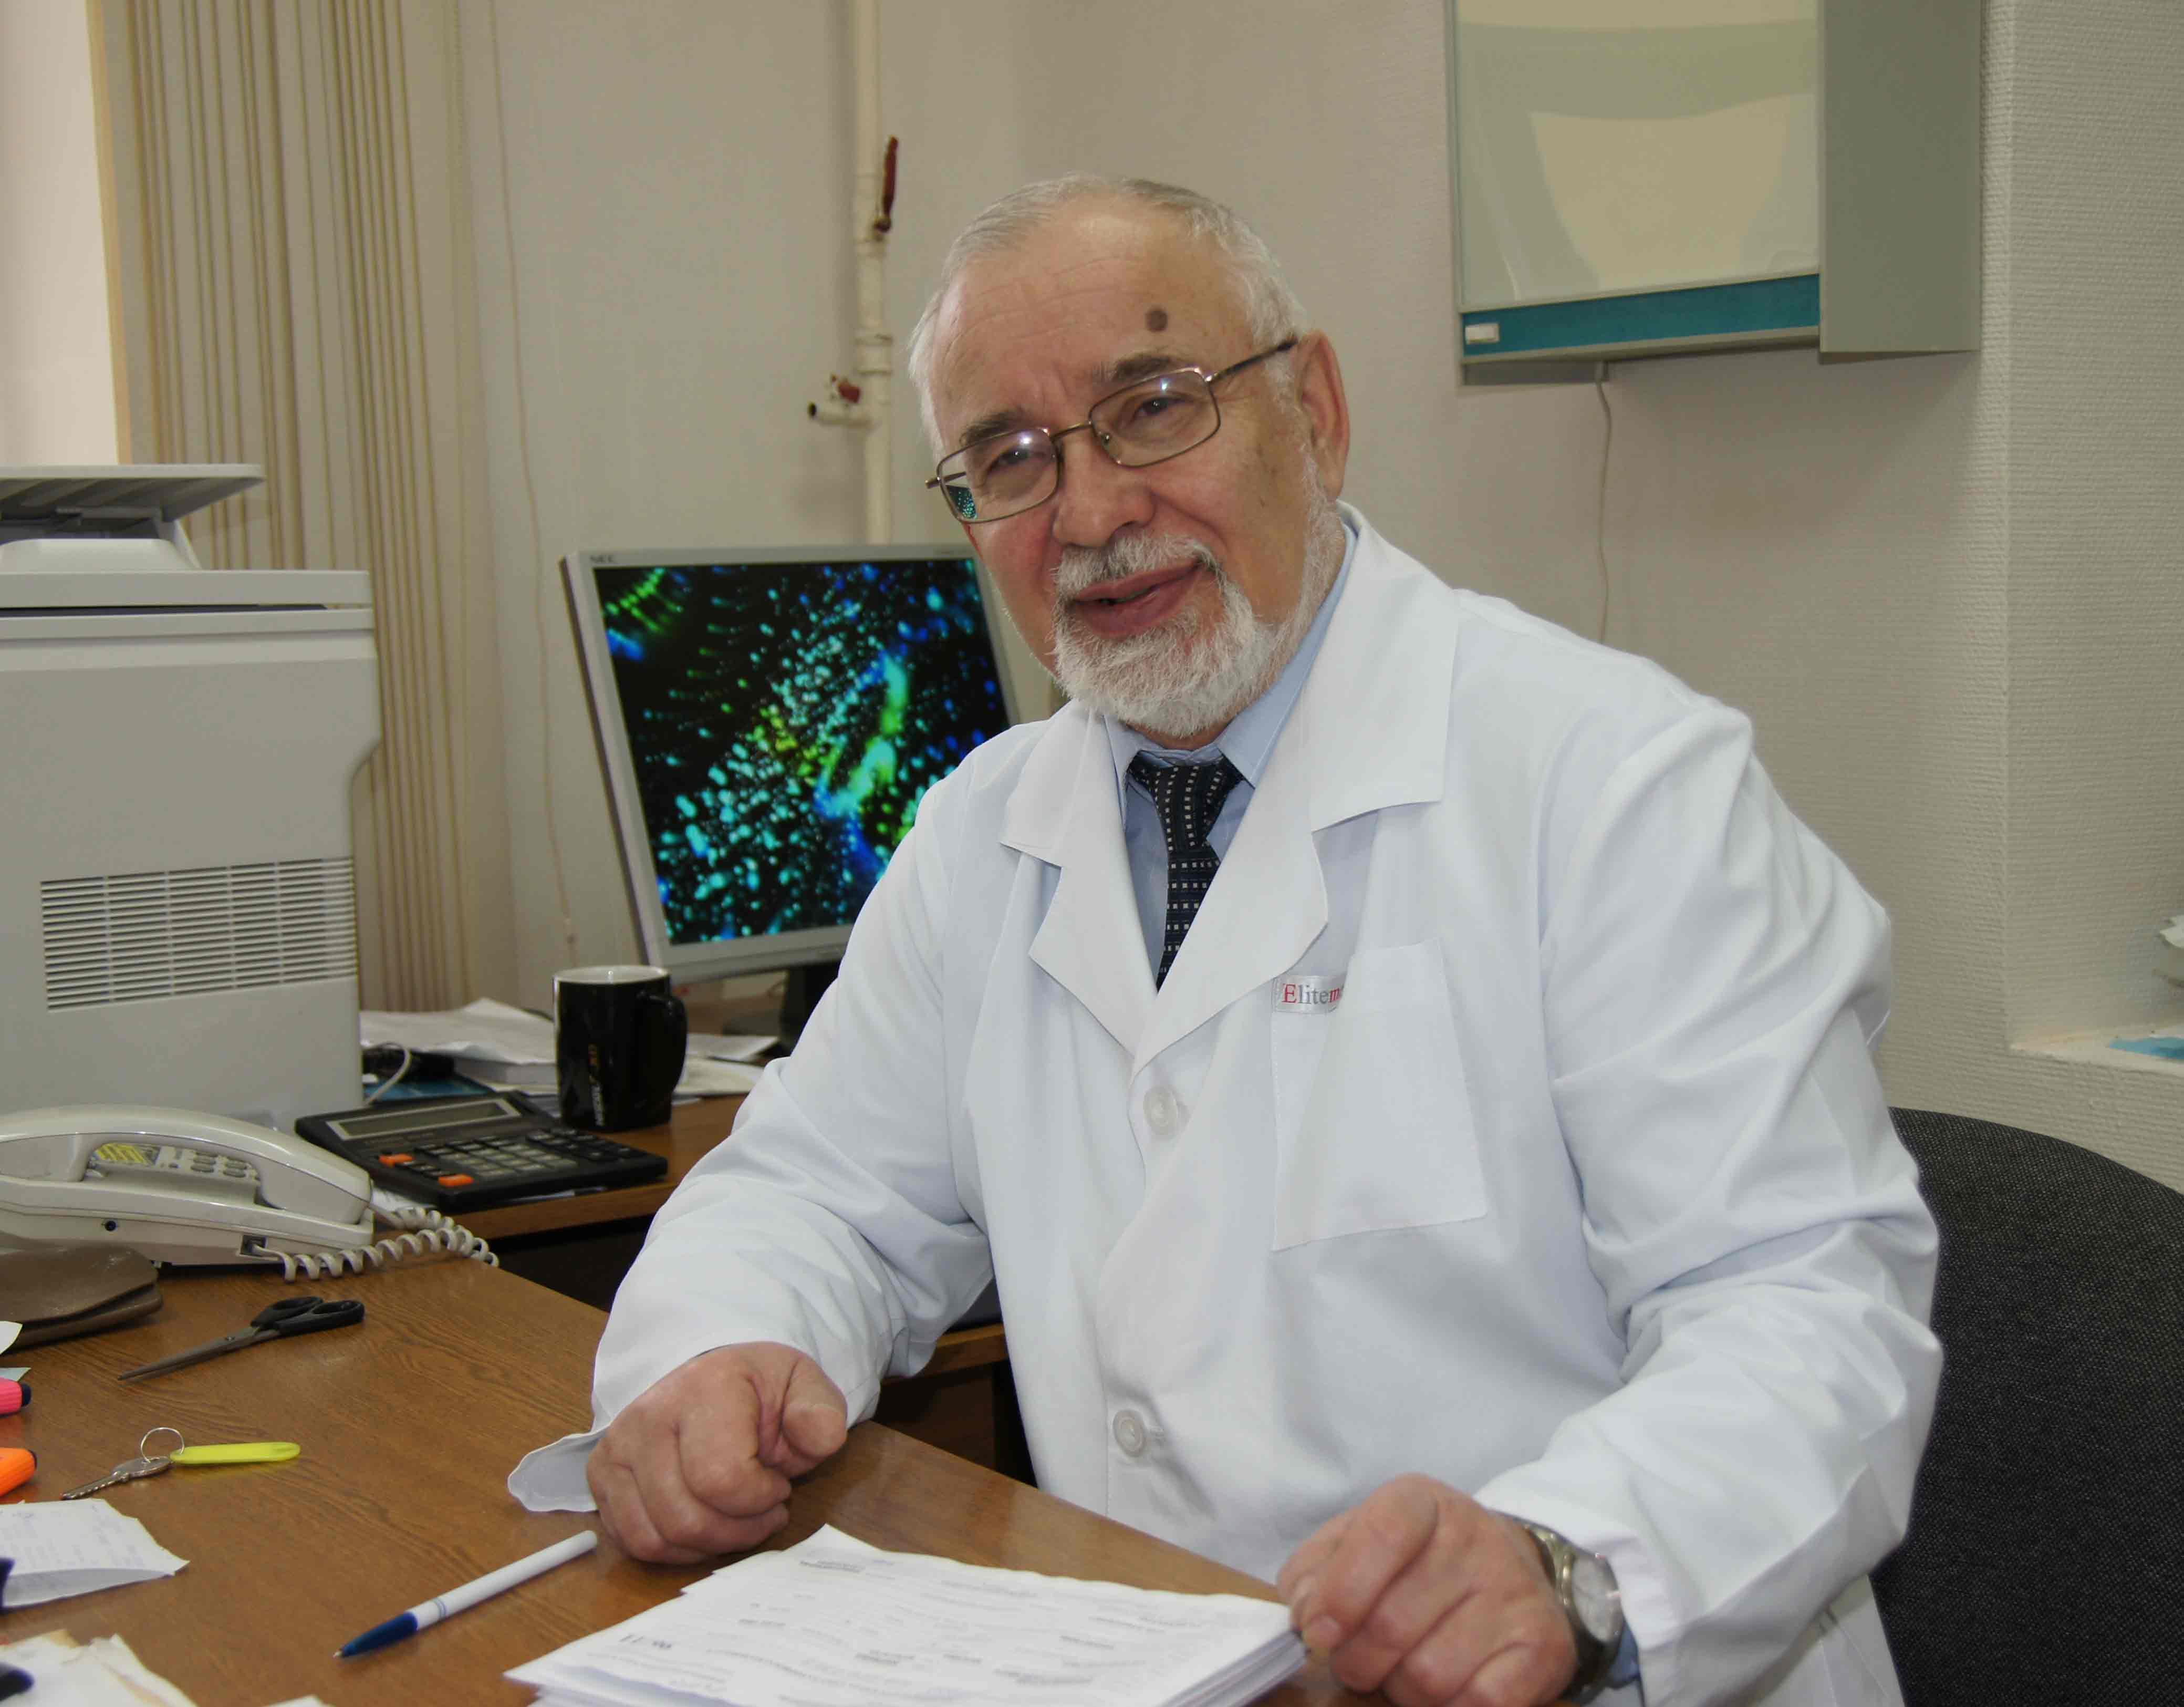 какой врач лечит от паразитов в организме человека